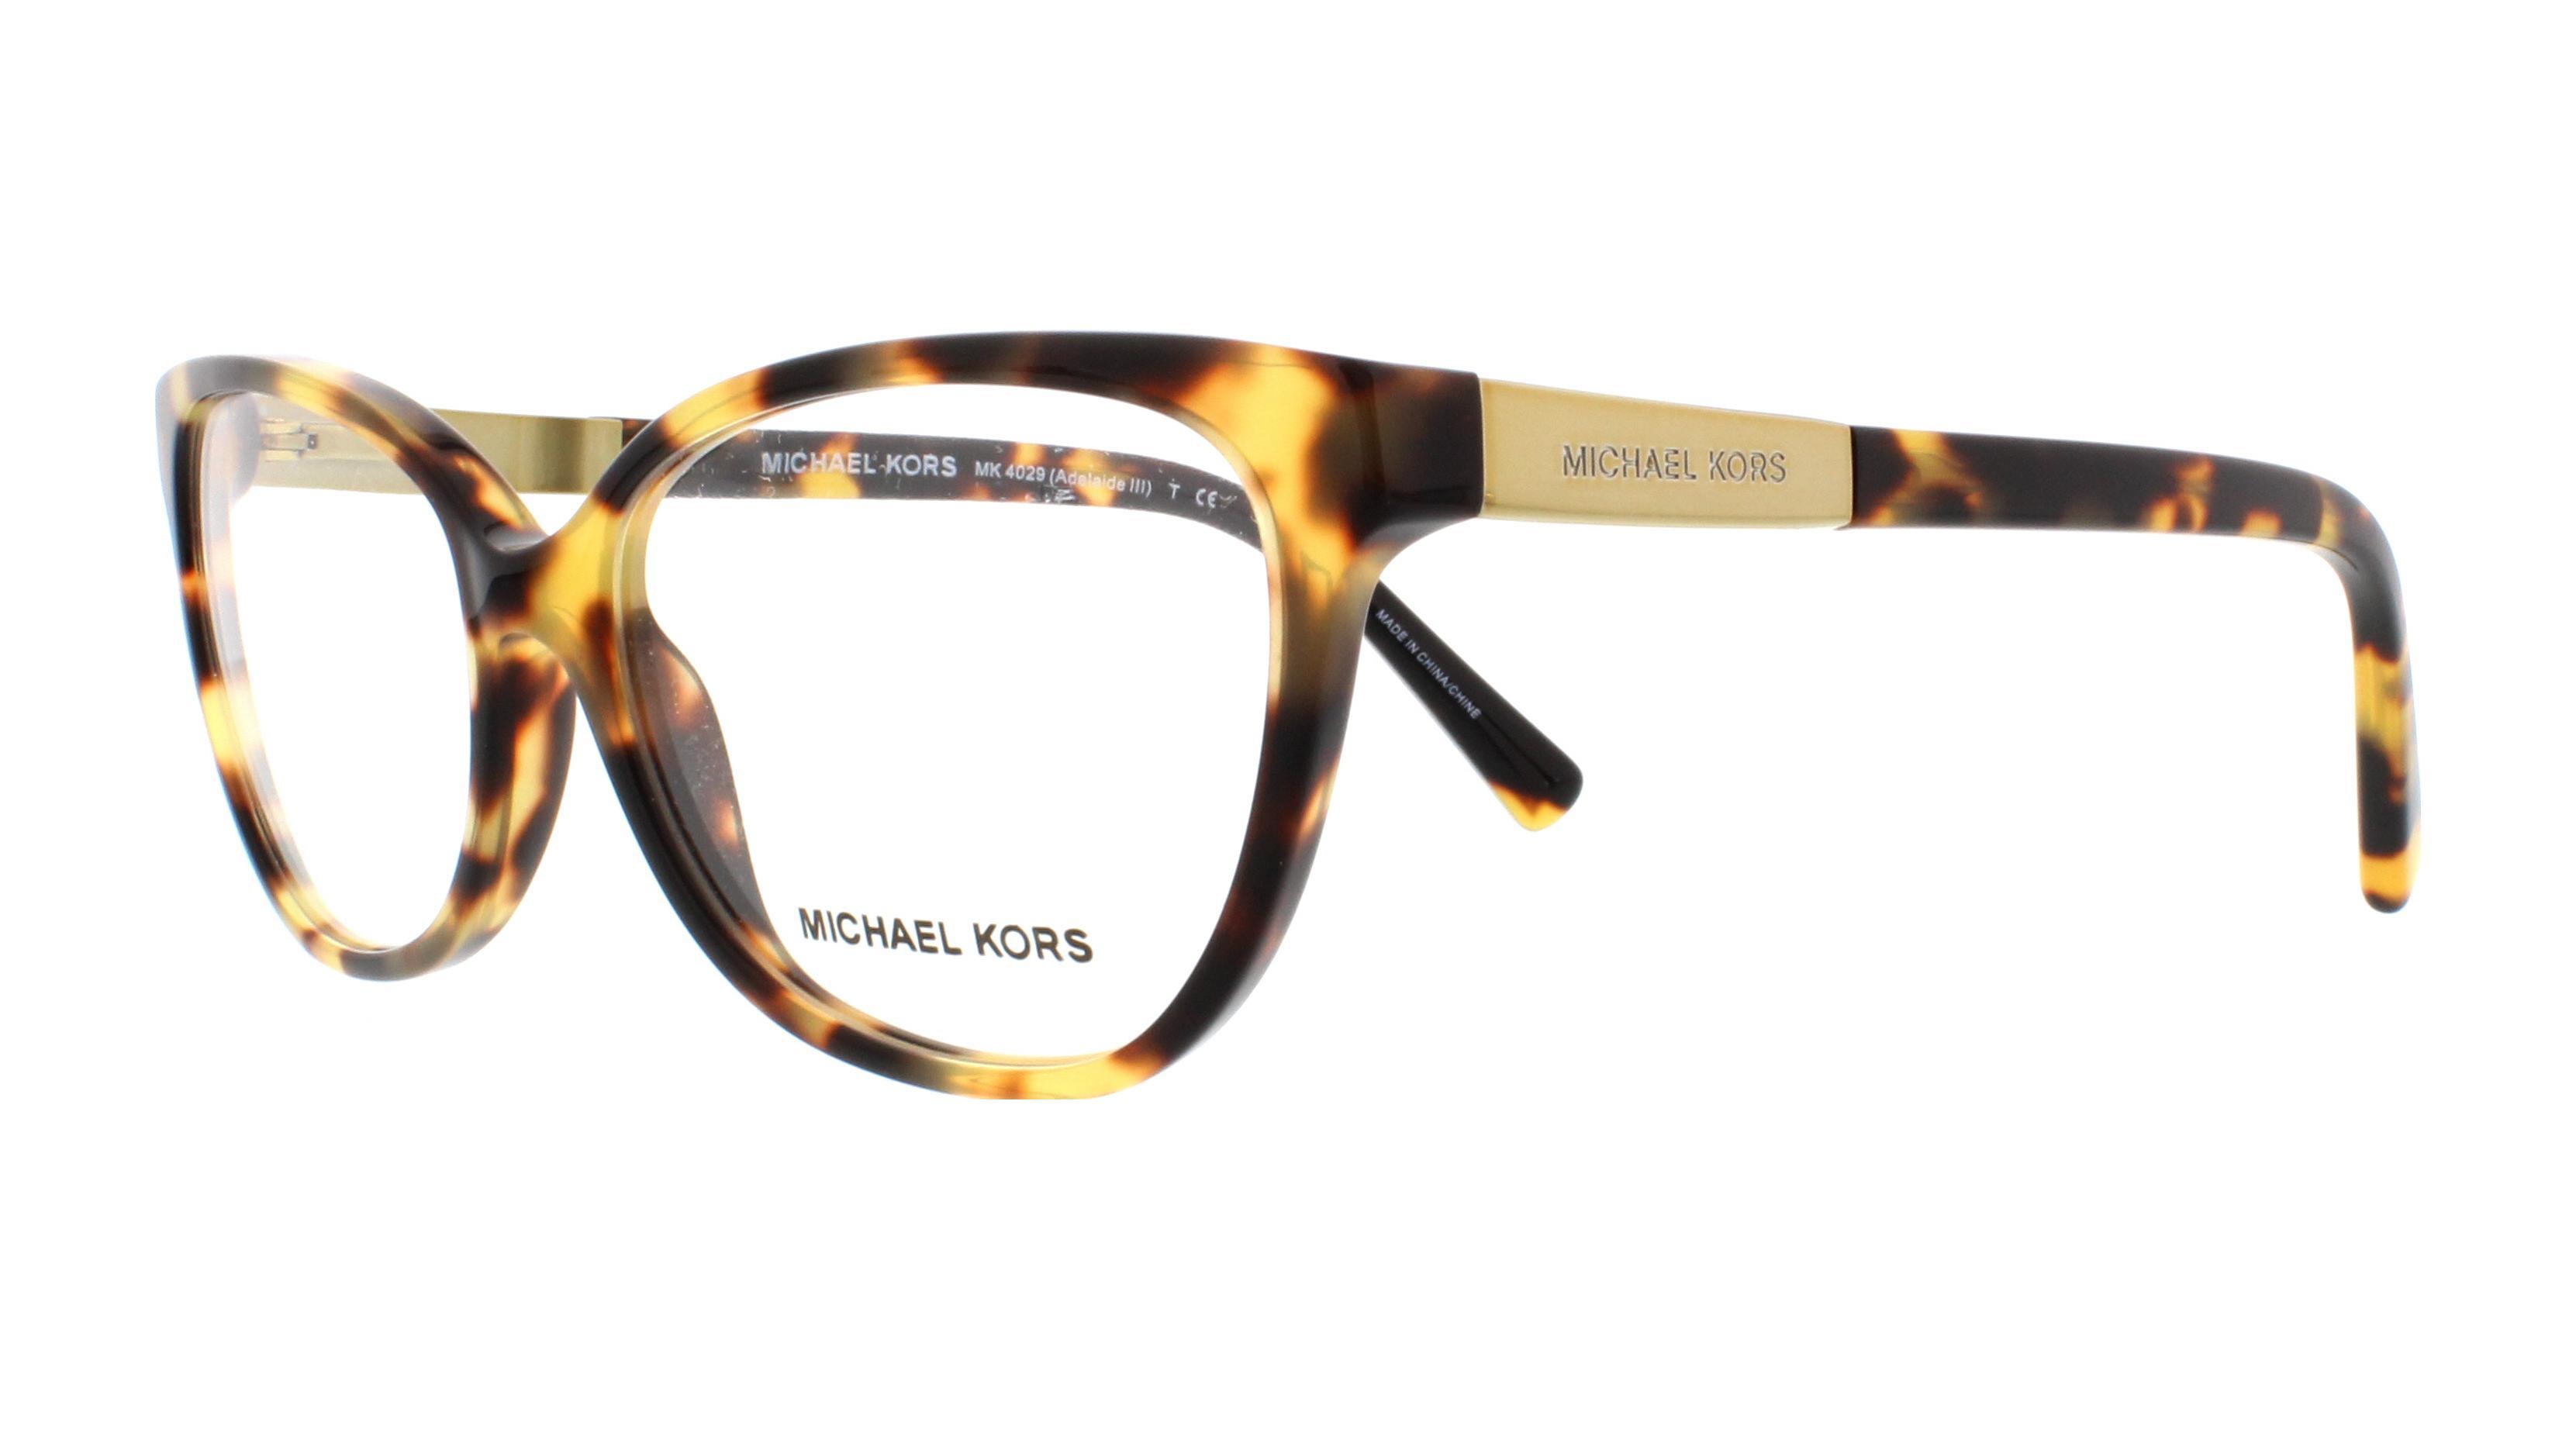 596ac1e197 Designer Frames Outlet. Michael Kors MK4029 Adelaide III